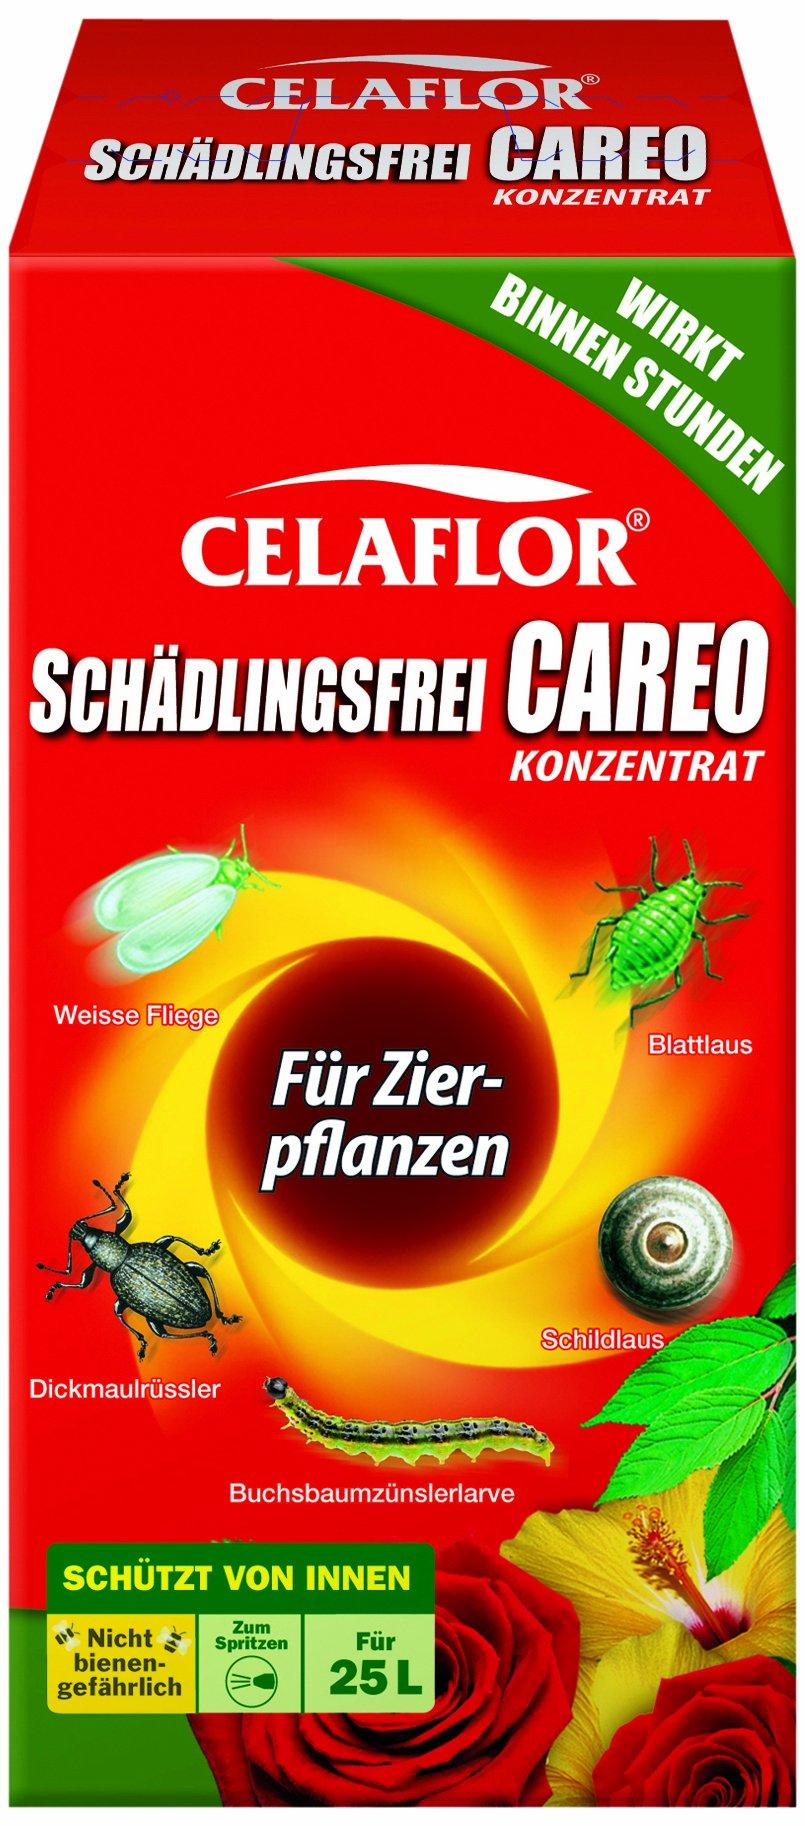 Celaflor Schädlingsfrei Careo Konzentrat, vollsystemisches Mittel mit schneller Wirkung gegen Schädlinge an Pflanzen, 250 ml product image